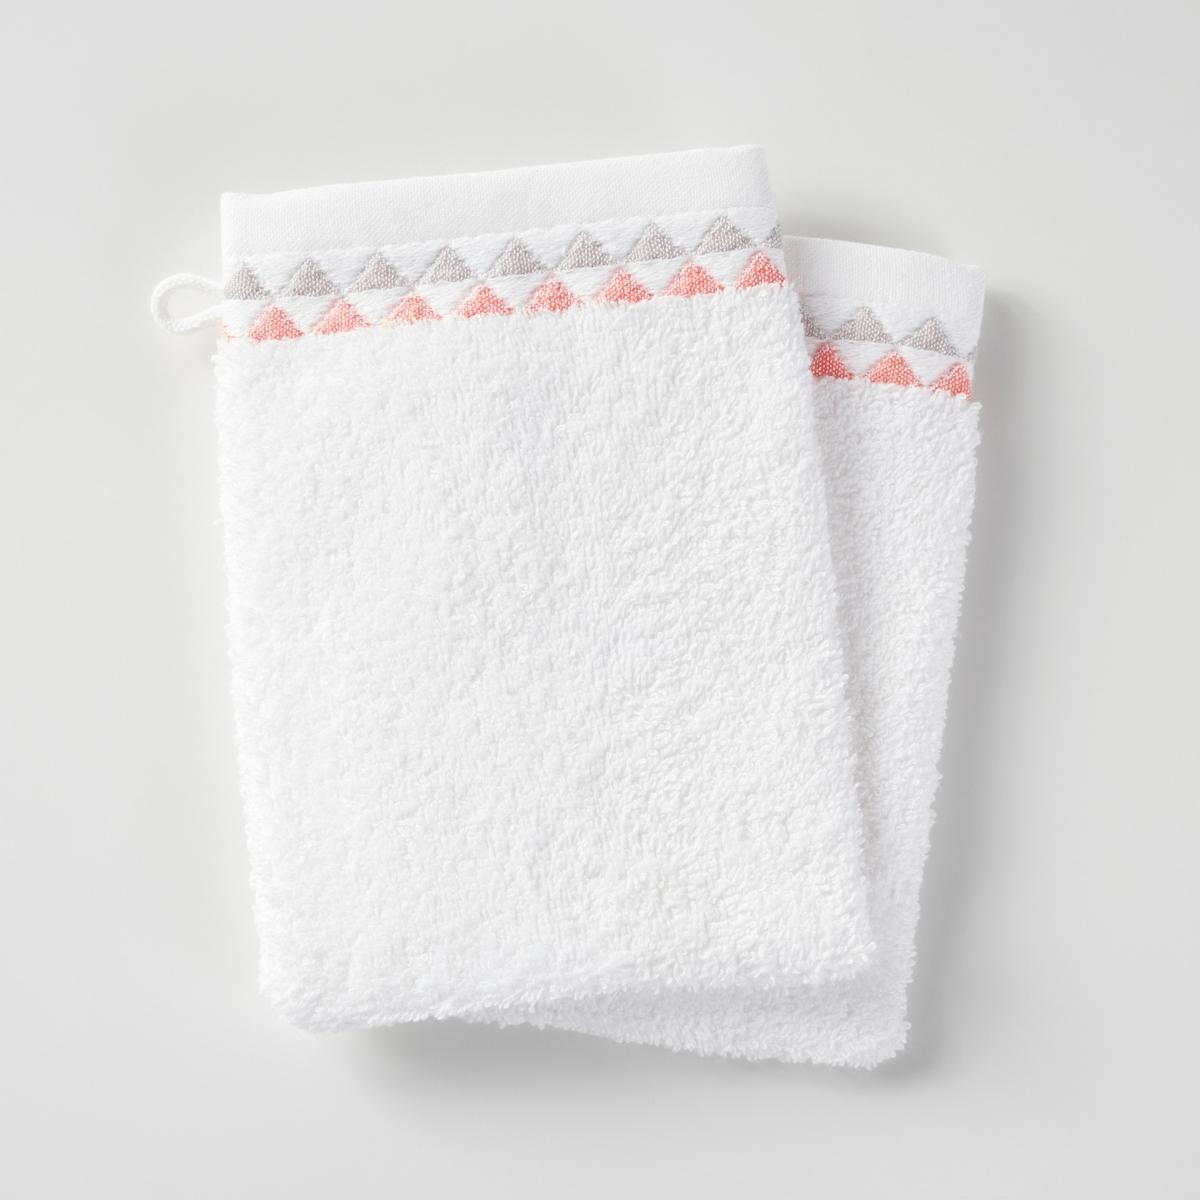 Комплект из 2-х банных рукавичек, 100% хлопка, SCANDI. 3 рукавицы банные gilbear из 100% хлопка